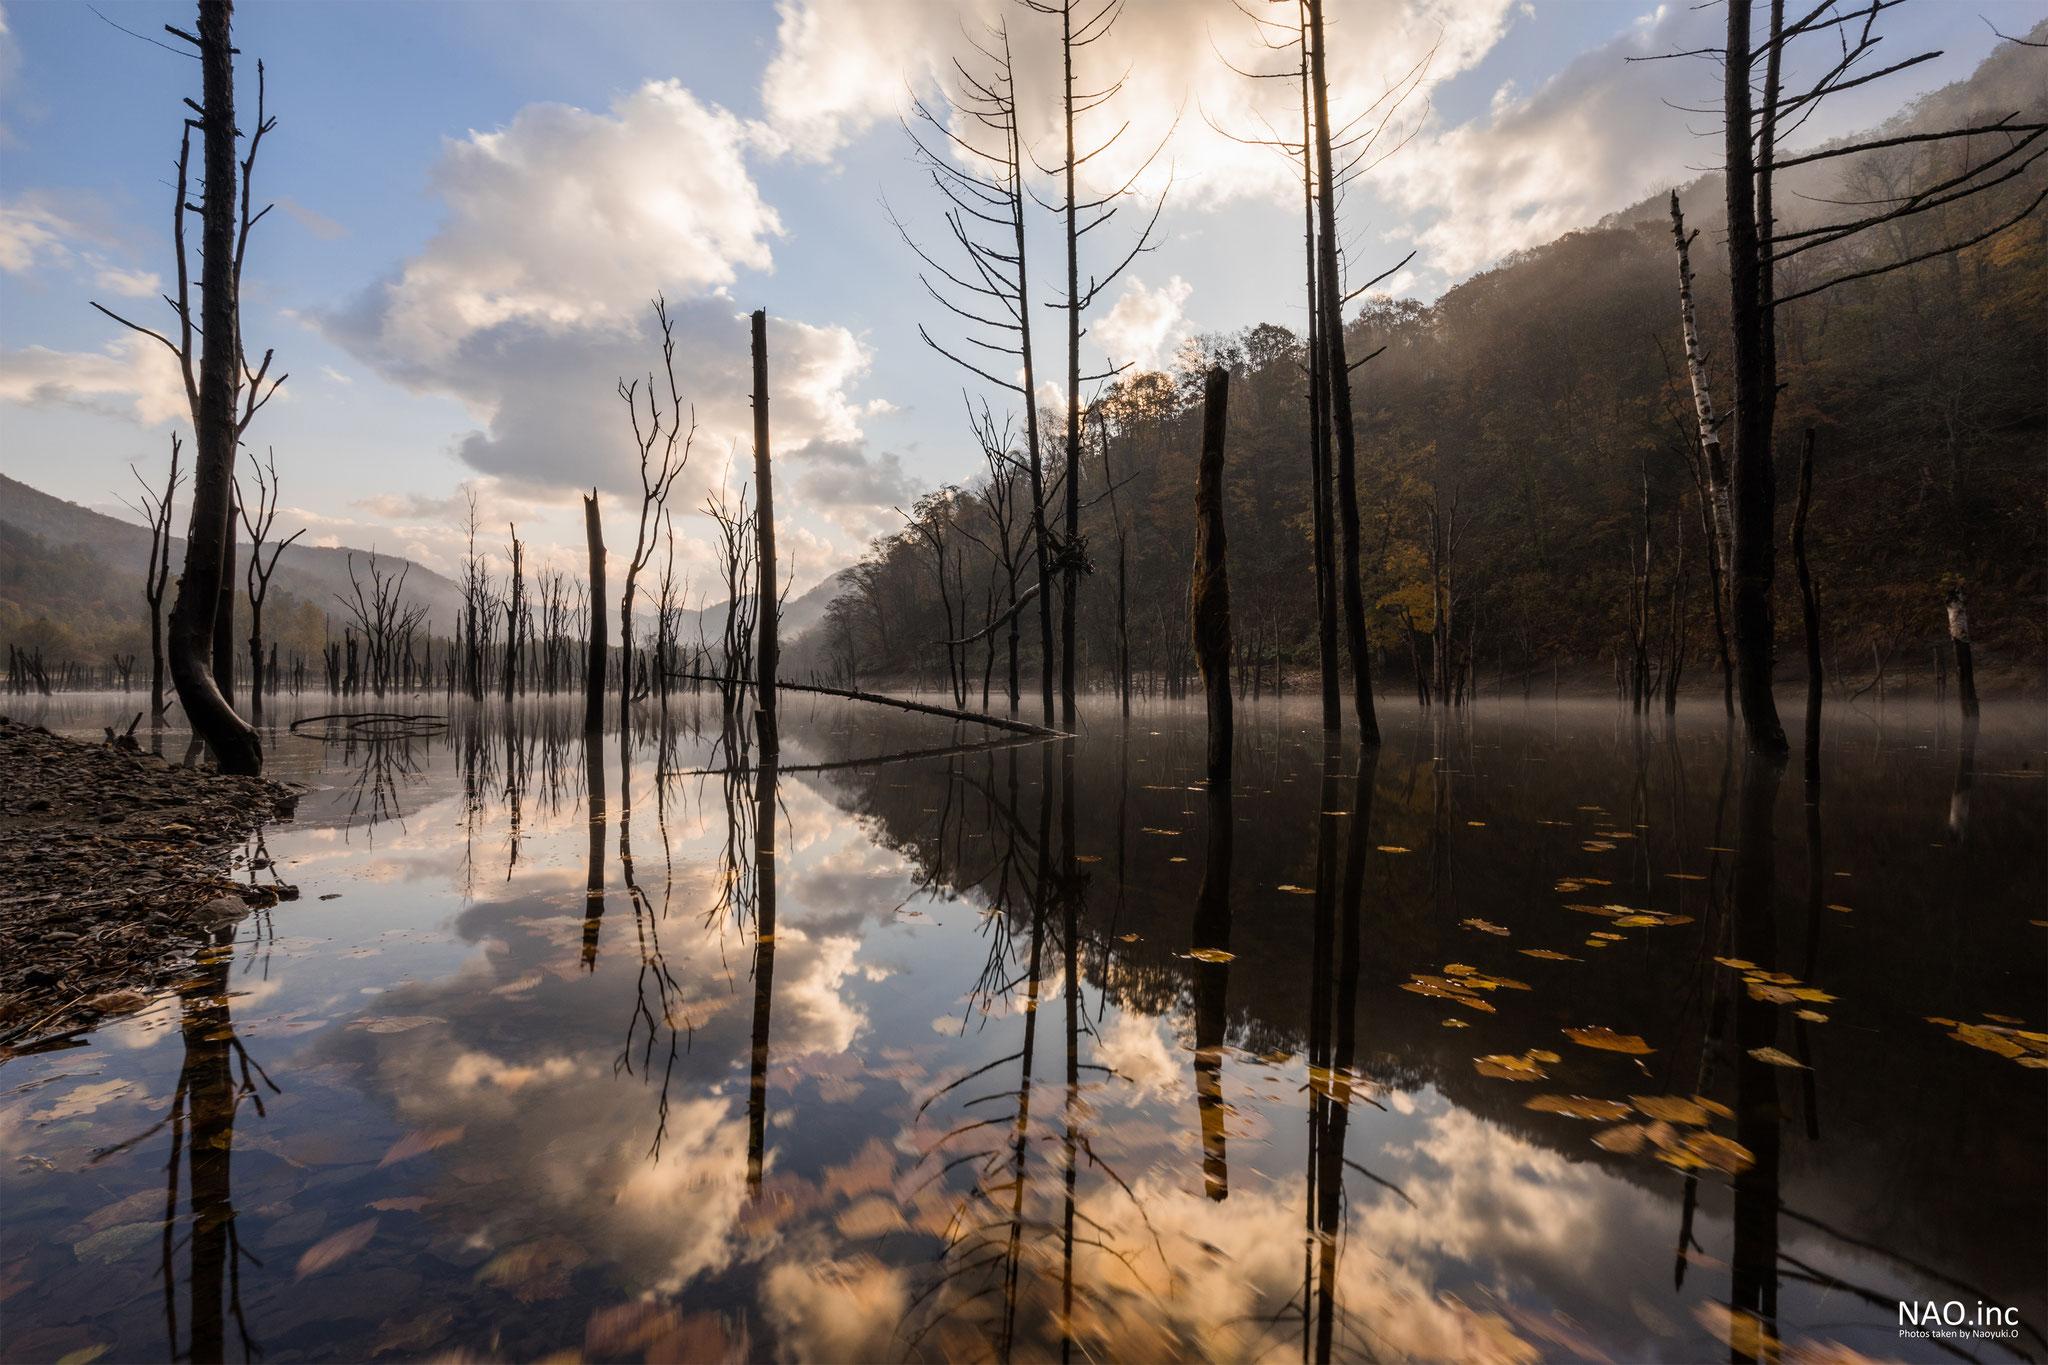 赤井川村落合ダム。枯れ葉を浮かべた秋の早朝。